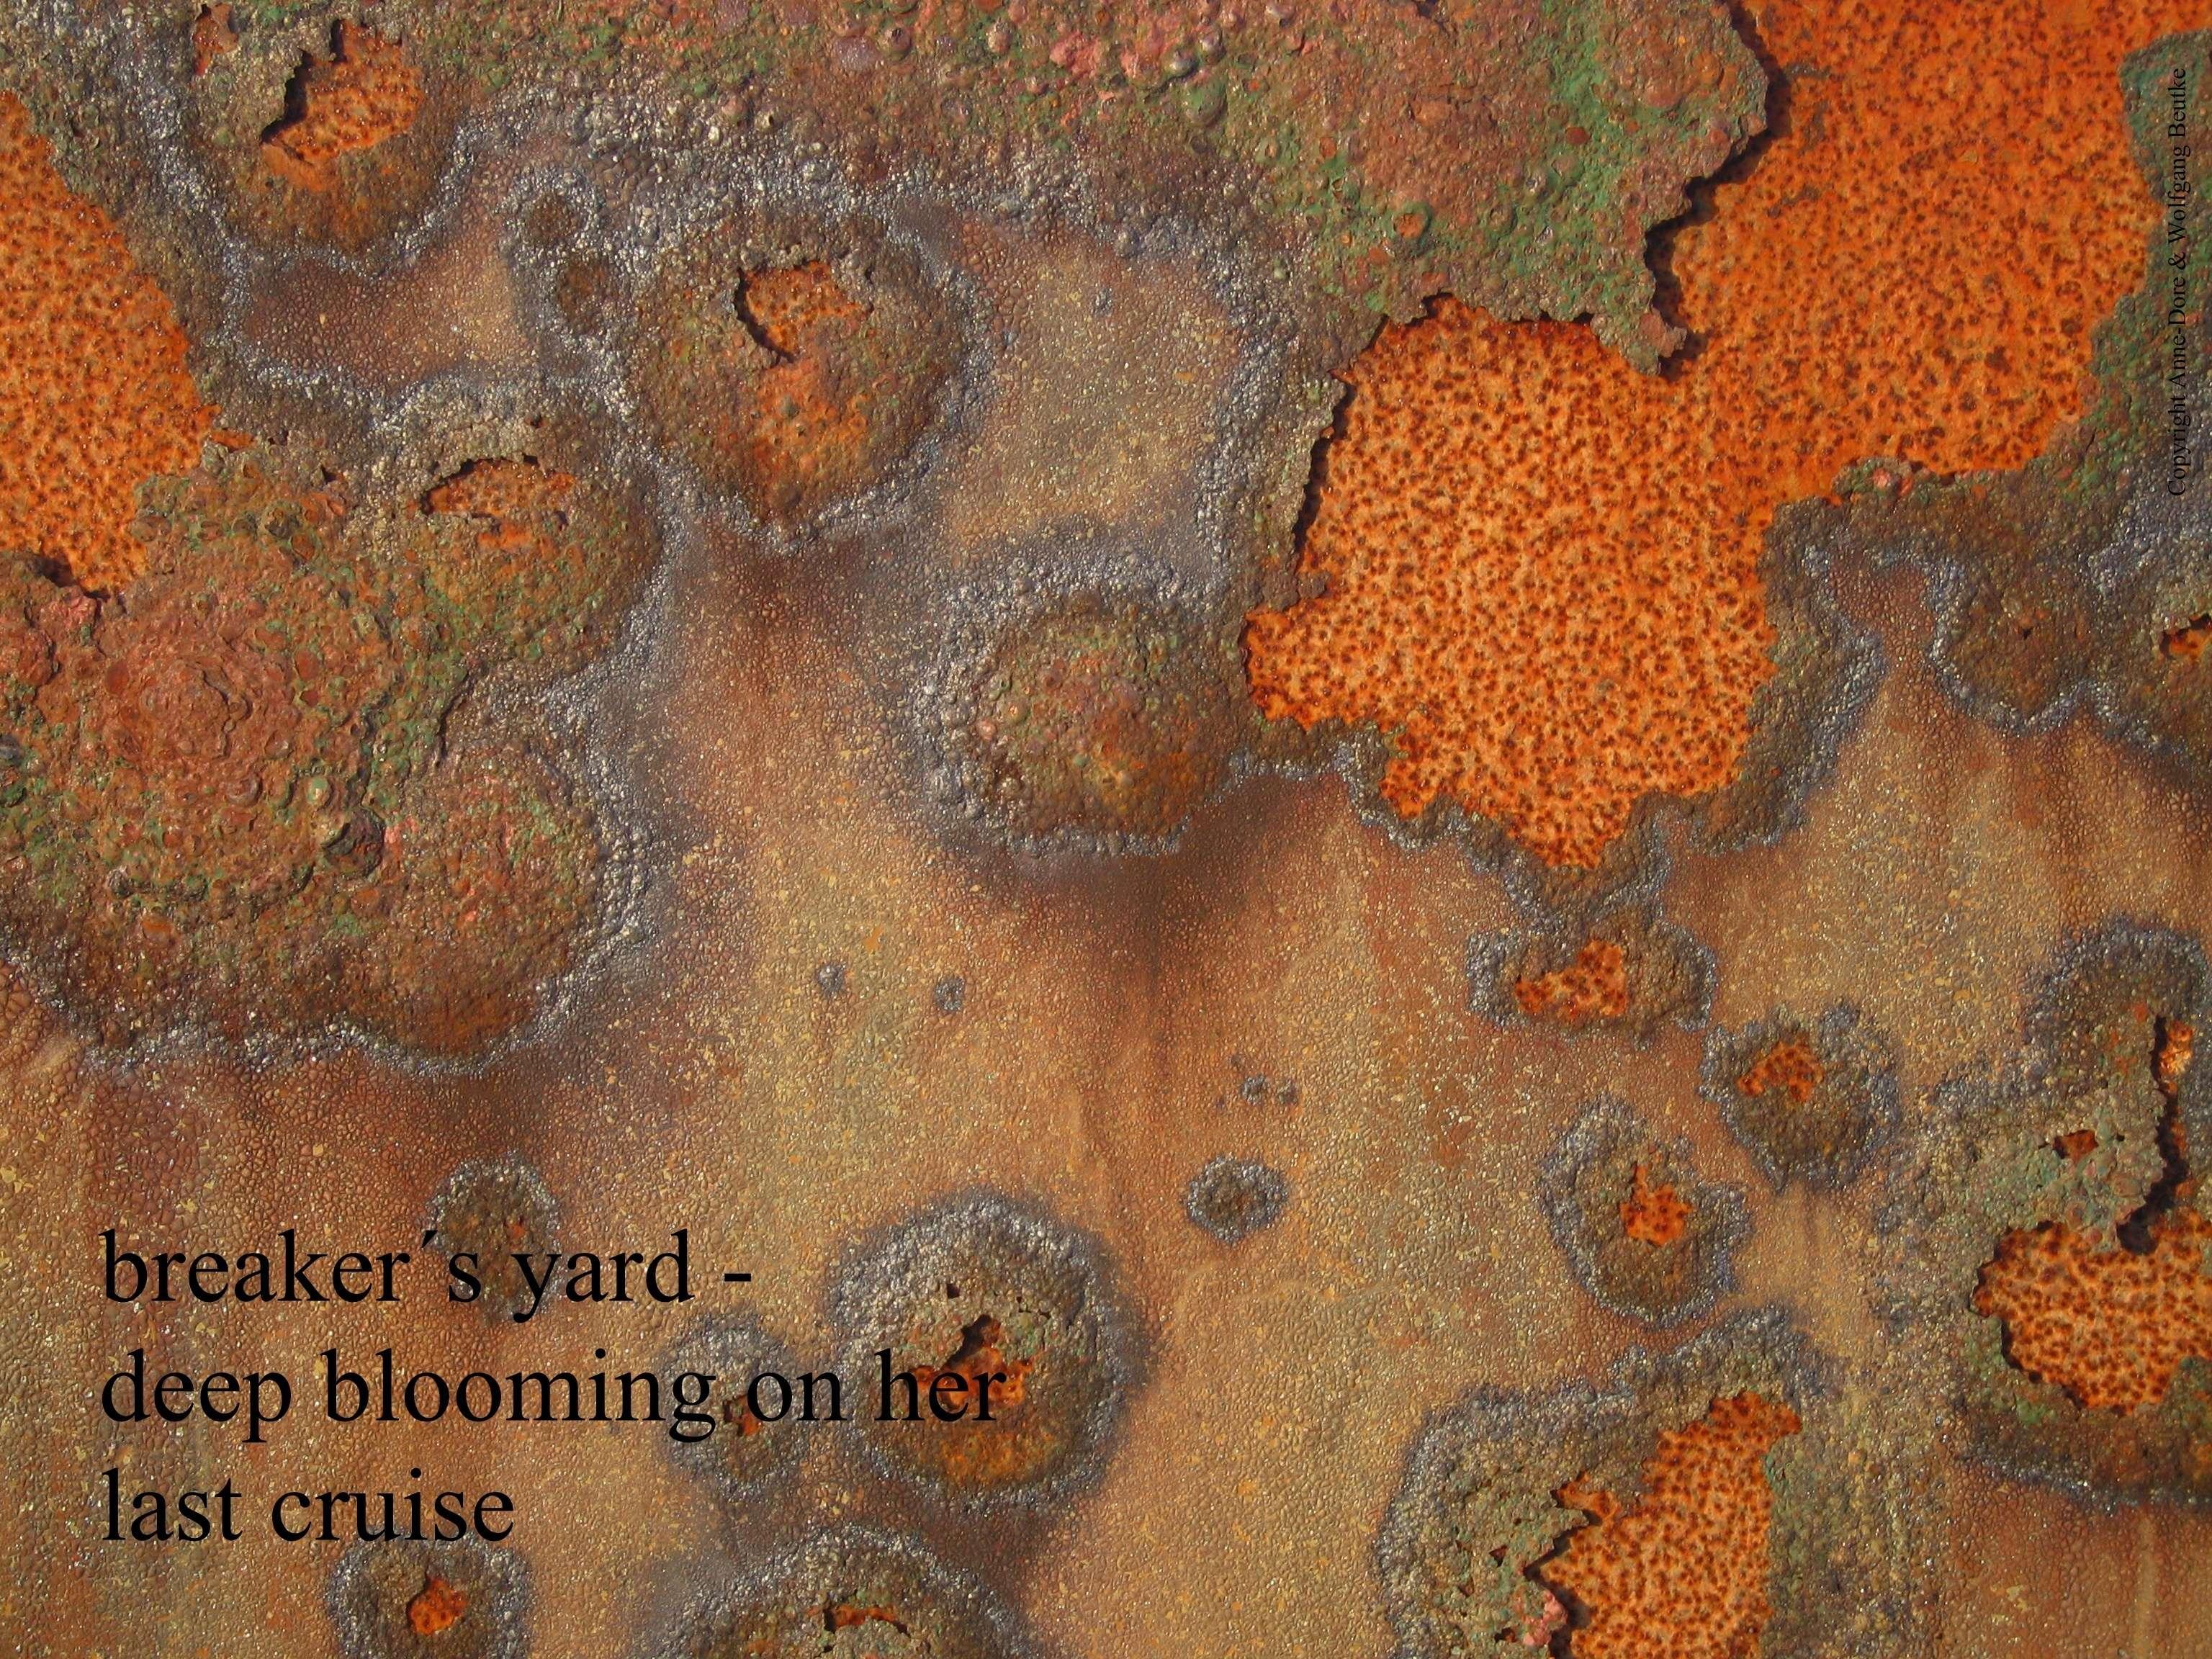 breaker's yard